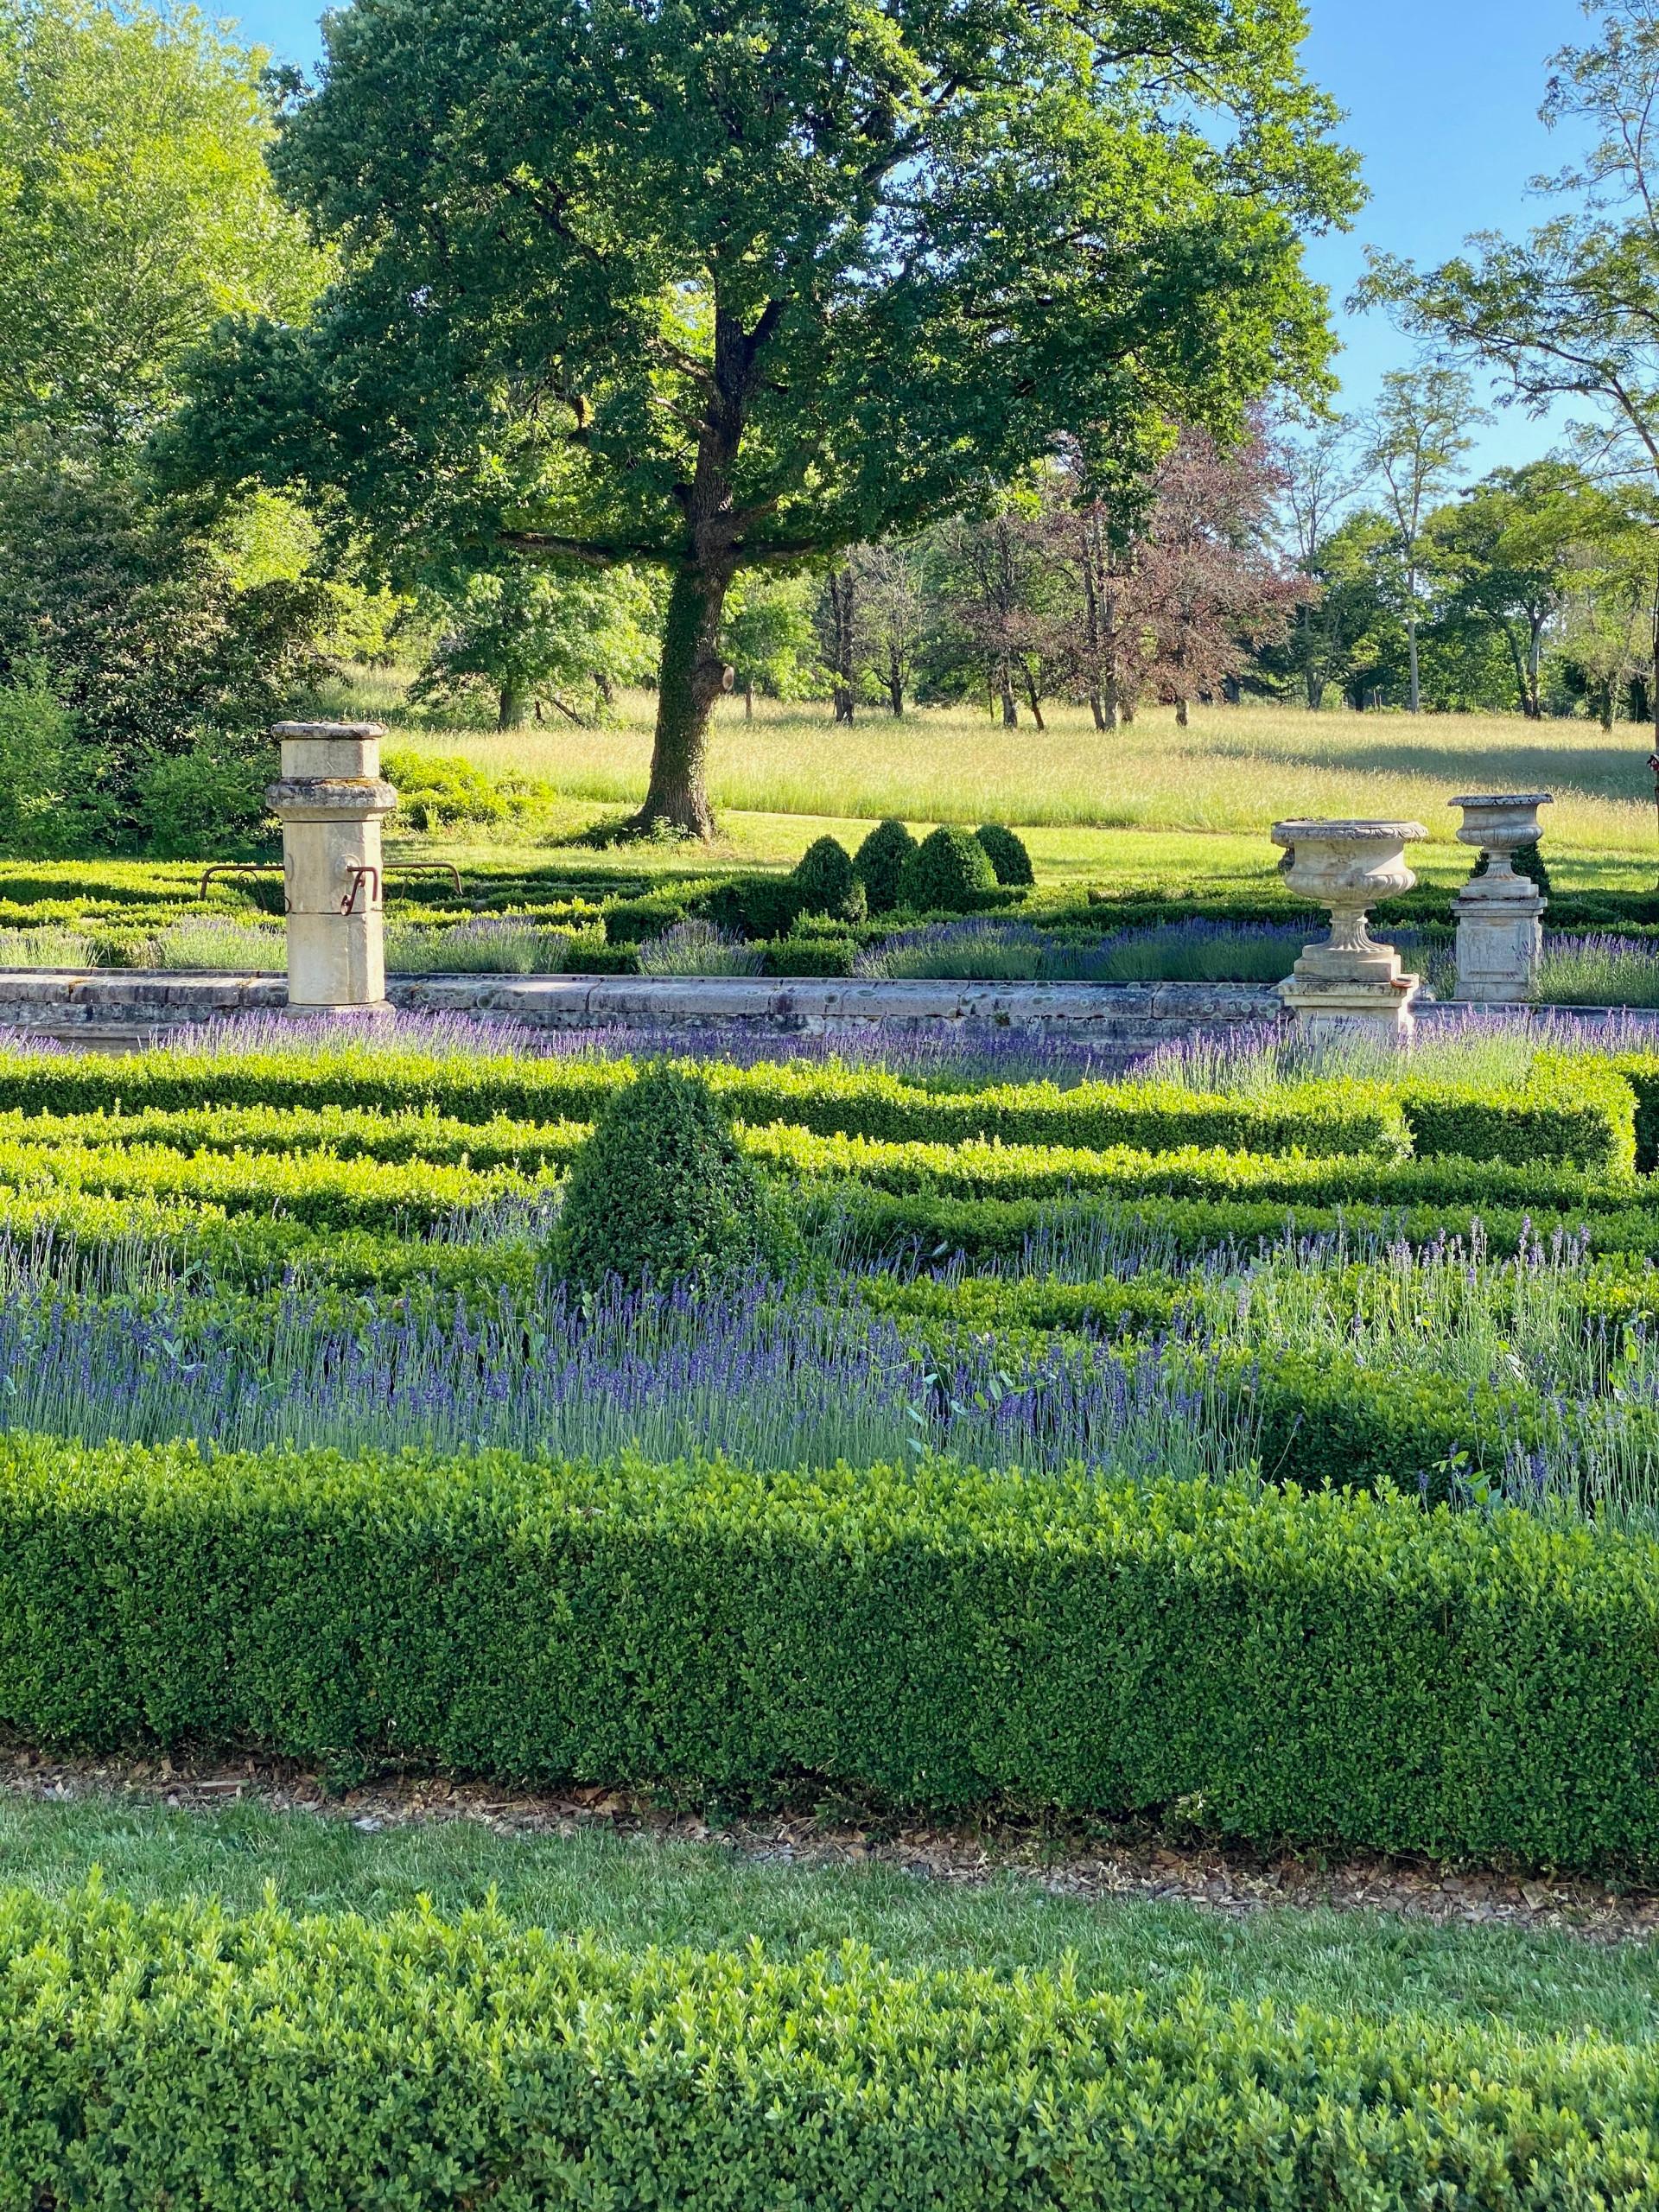 Nos realisations des jardins structurées